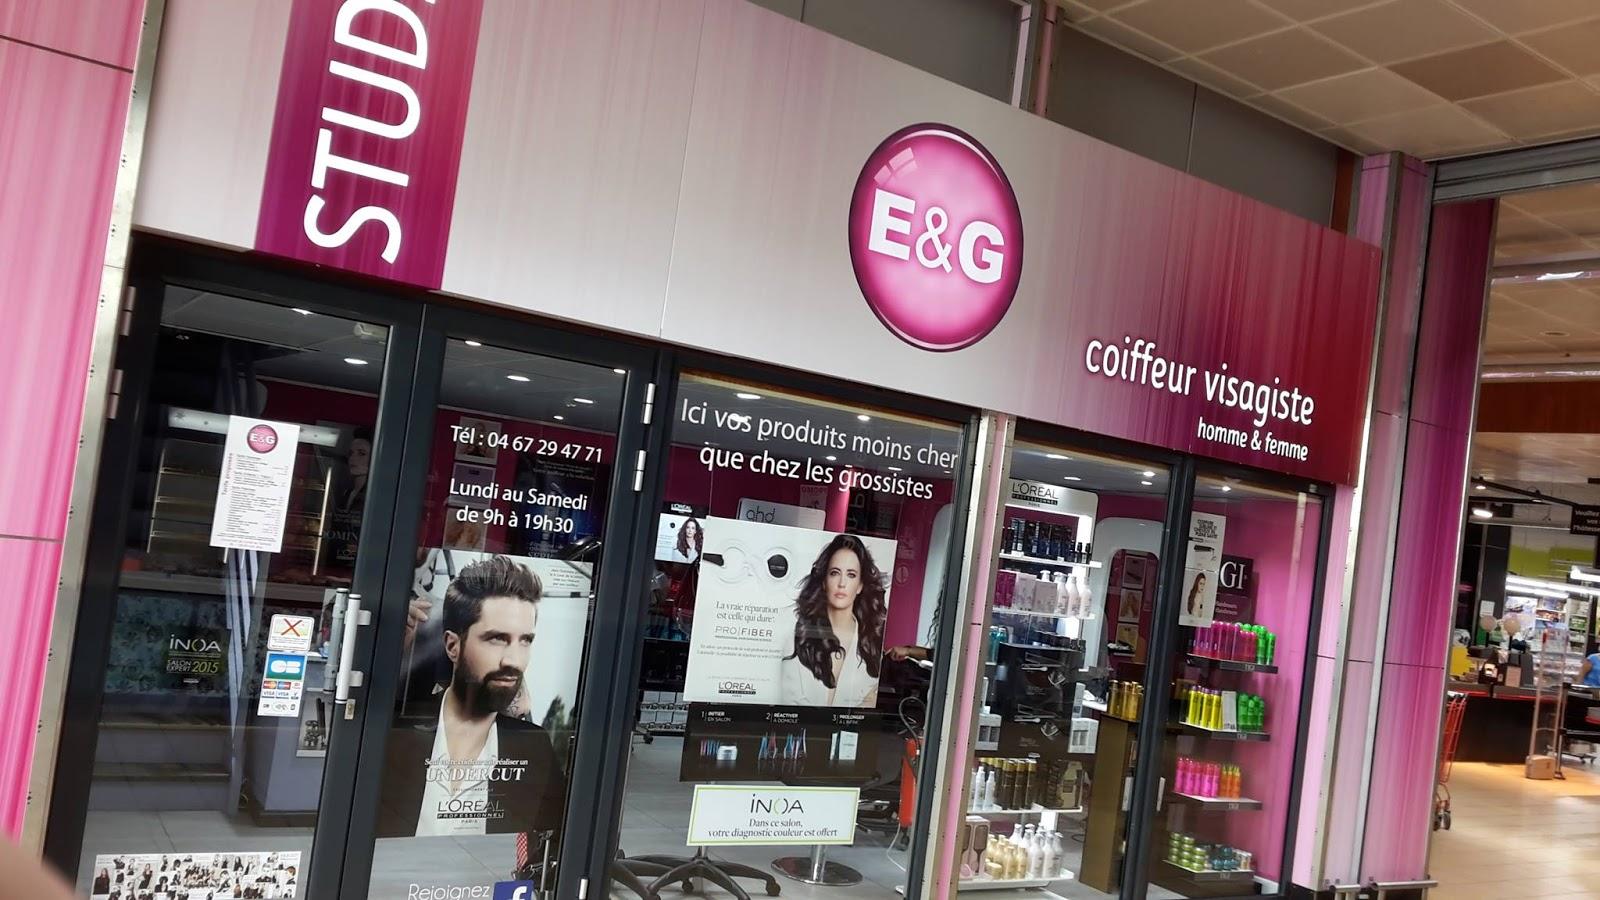 salon de coiffure e g situ au 41 avenue georges clemenceau 34000 montpellier - Coloriste Montpellier